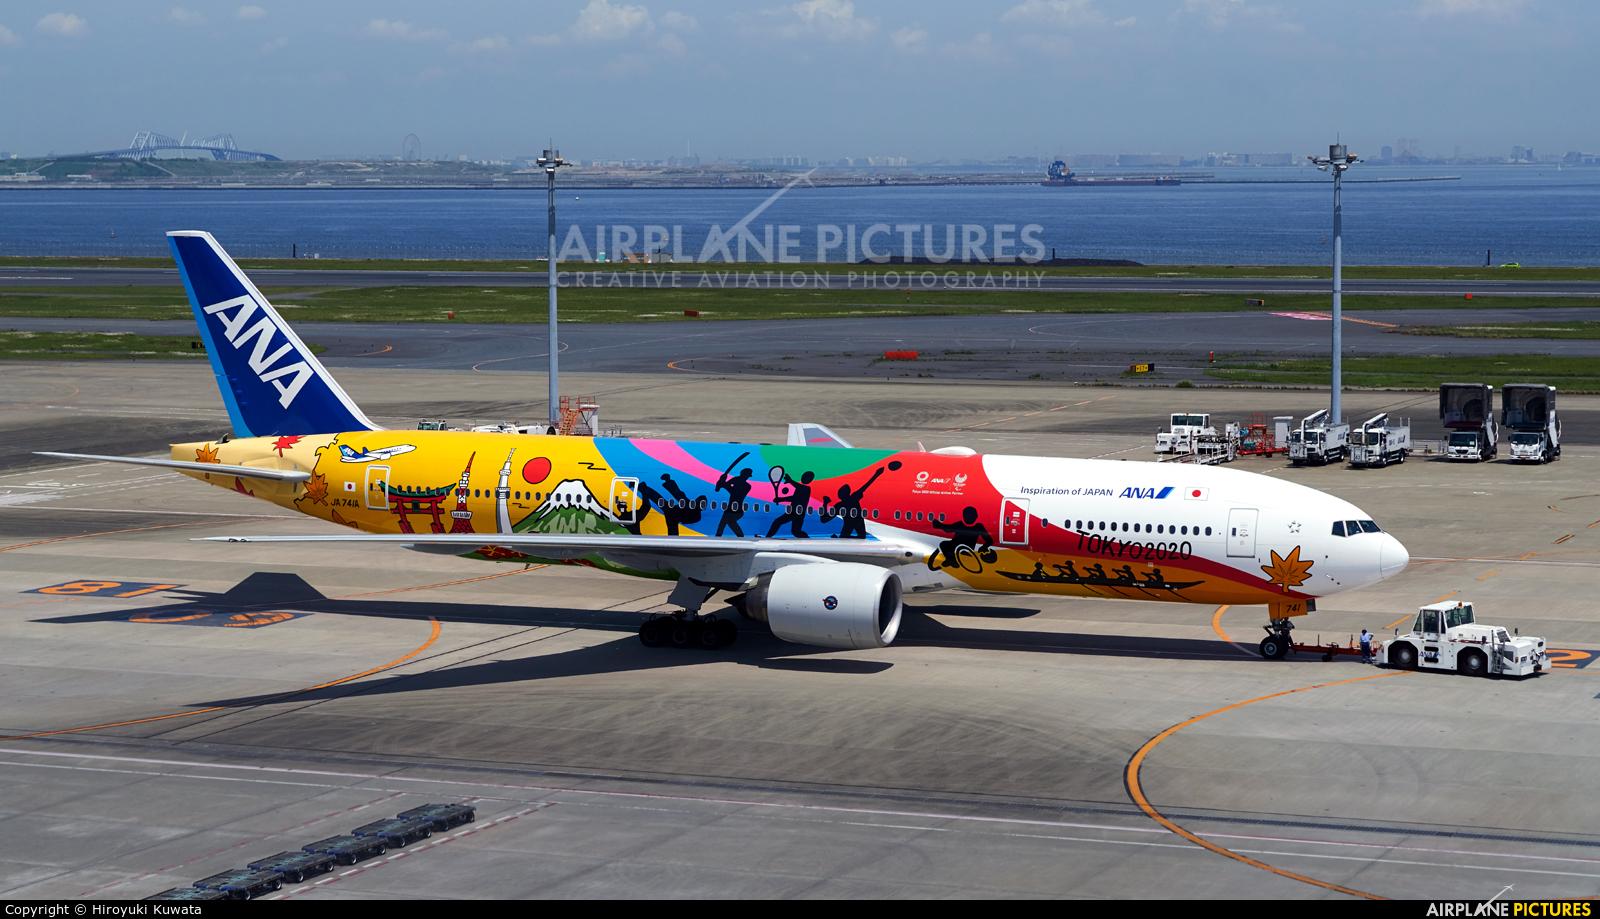 JAL - Japan Airlines JA741A aircraft at Tokyo - Haneda Intl